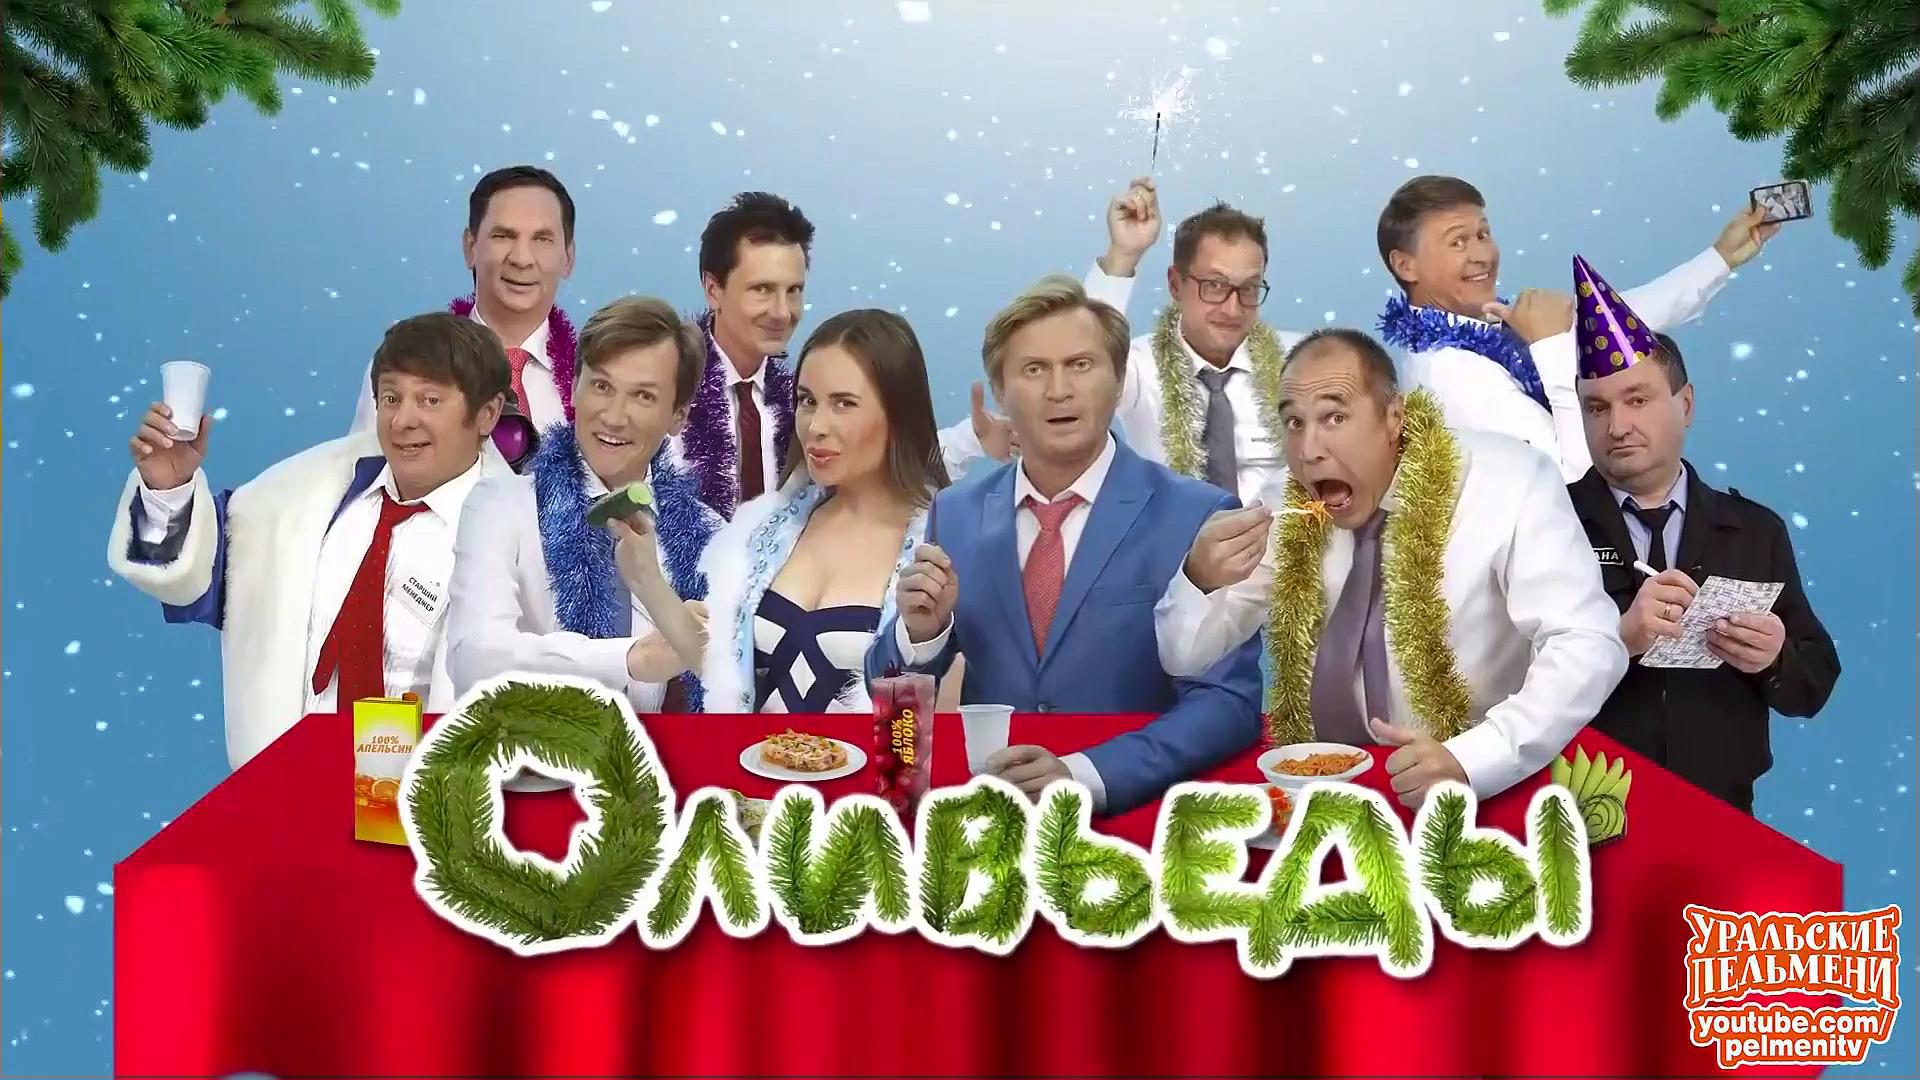 Уральские пельмени новый год выпуска